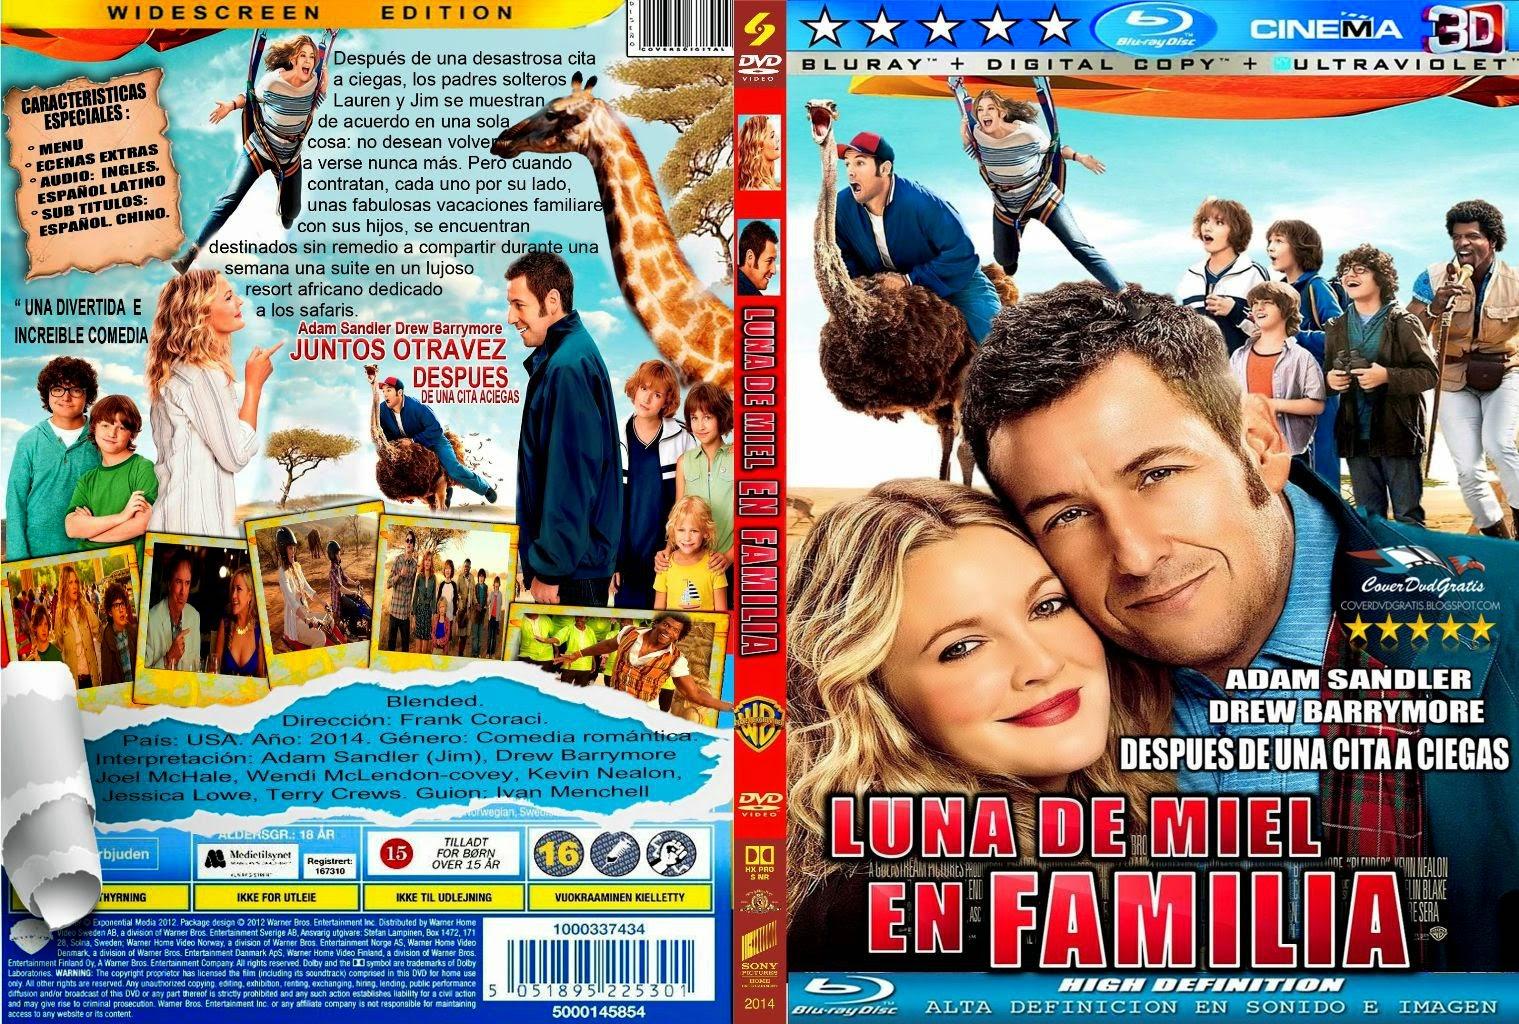 Luna de Miel en Familia (2014) HD 1080P LATINO MEGA